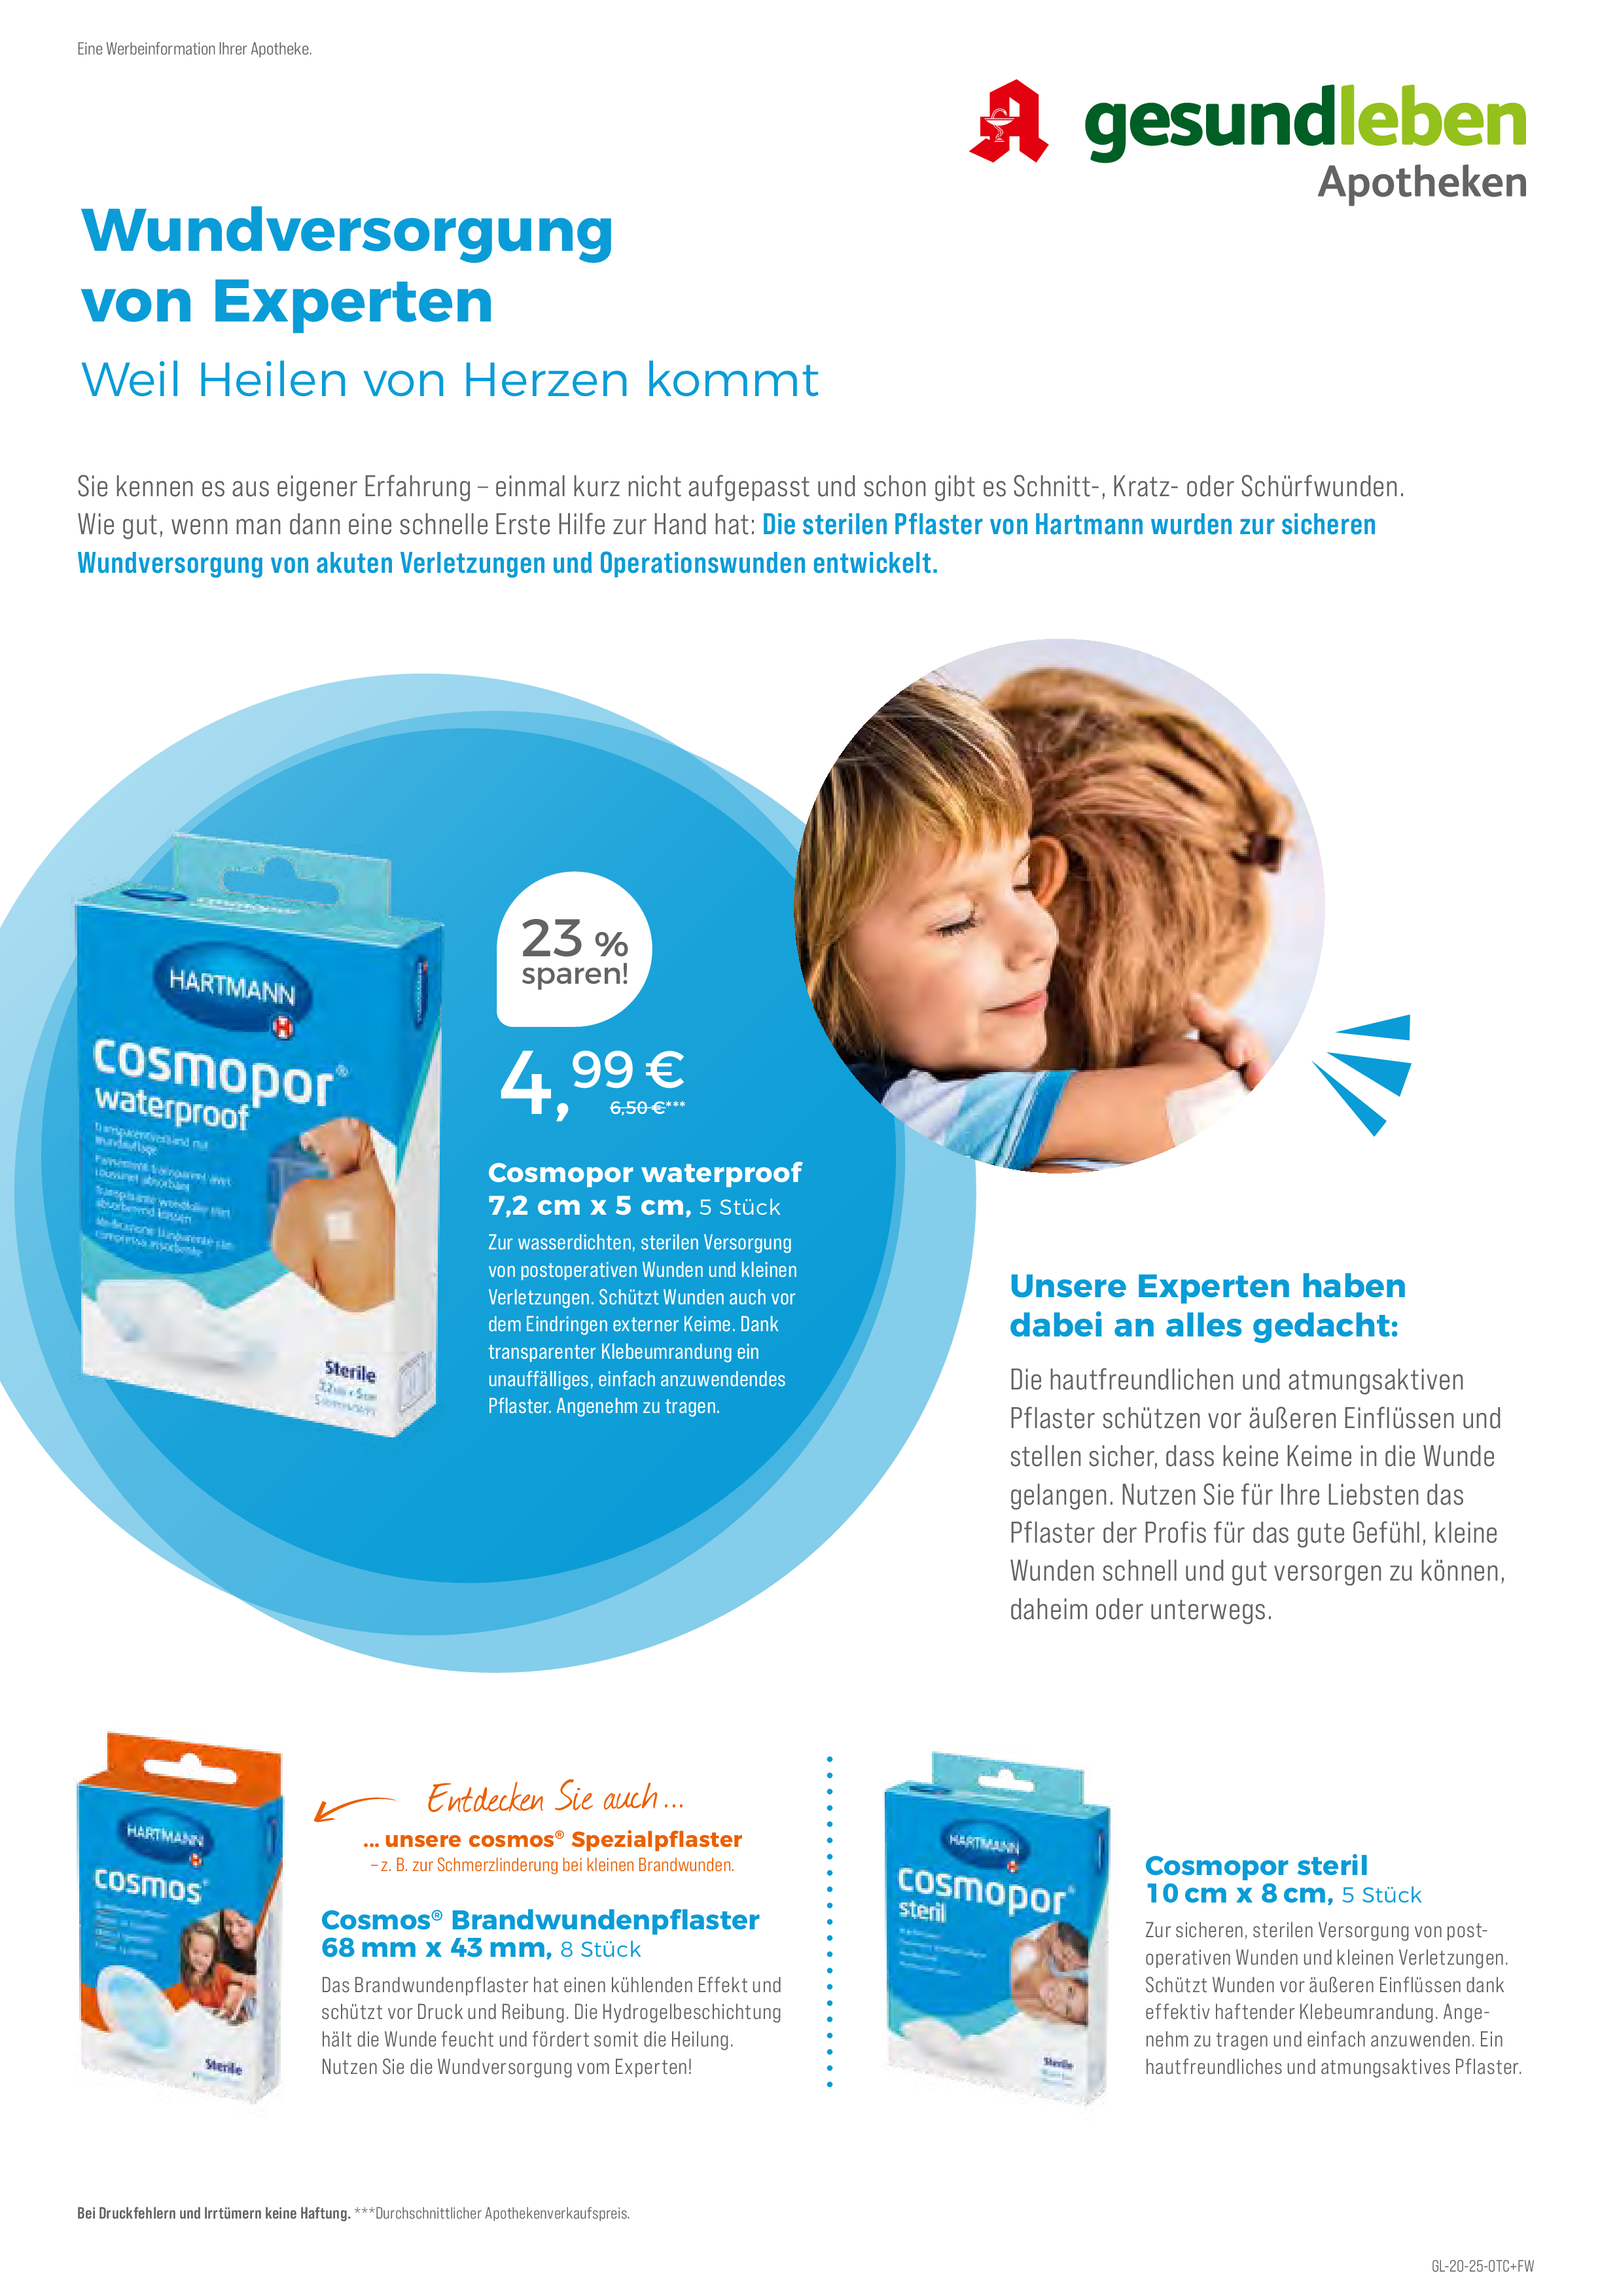 https://mein-uploads.apocdn.net/18379/leaflets/gesundleben_mittel-Seite5.png